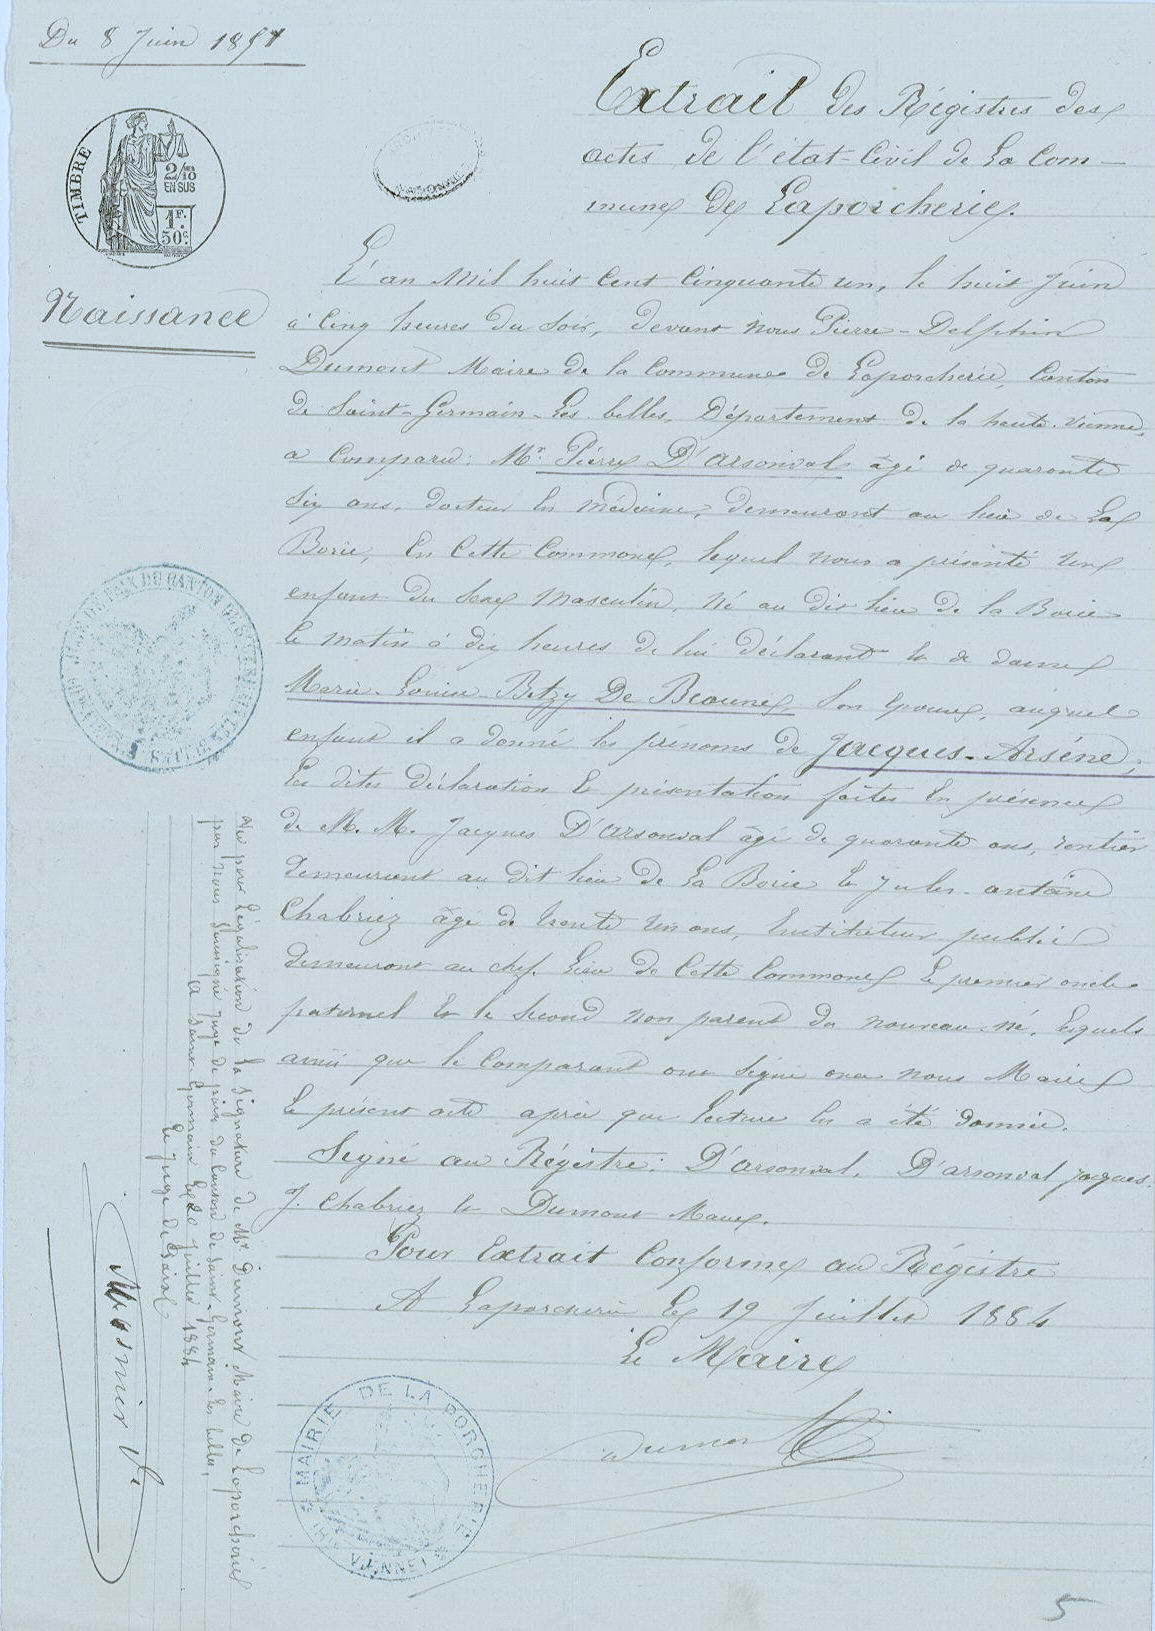 Extrait de naissance d'Arsène d'Arsonval